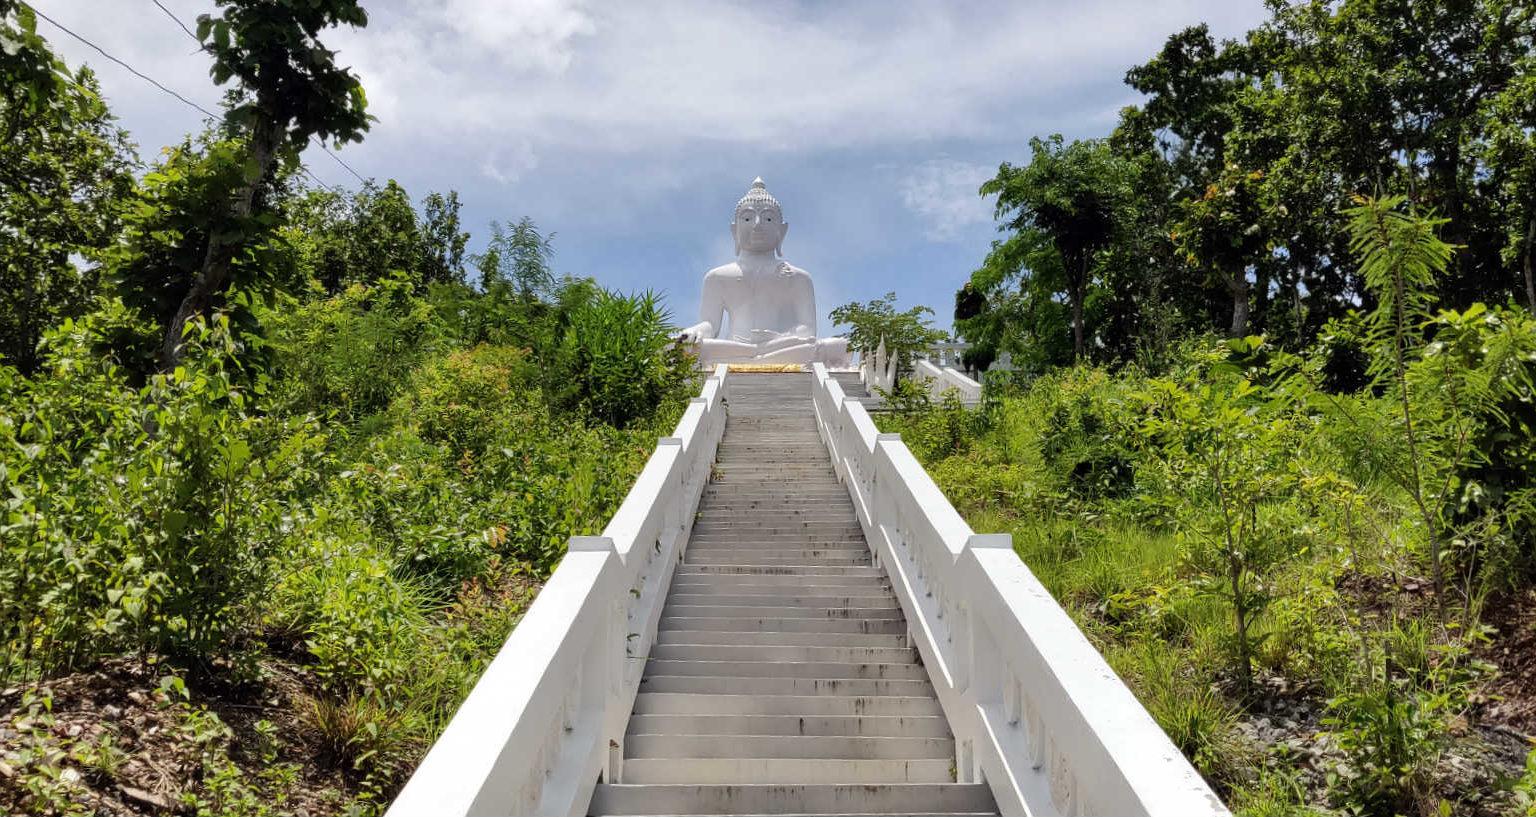 353 treden omhoog voor de Temple on the Hill in Pai, Thailand